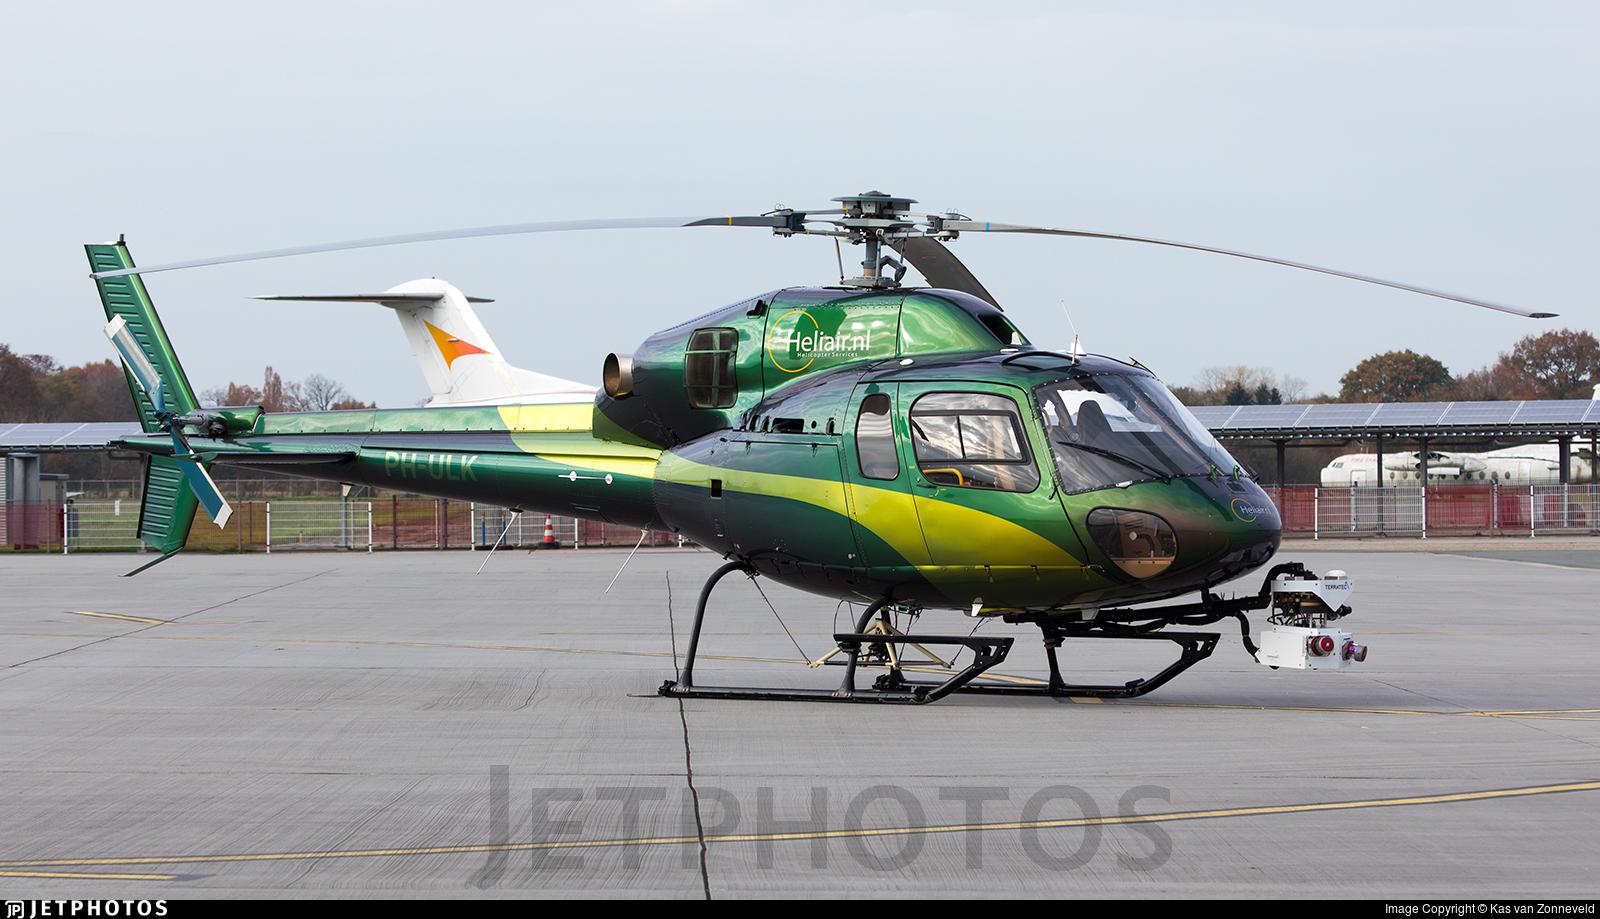 PH-ULK - Eurocopter AS 355N Ecureuil 2 - Heliair